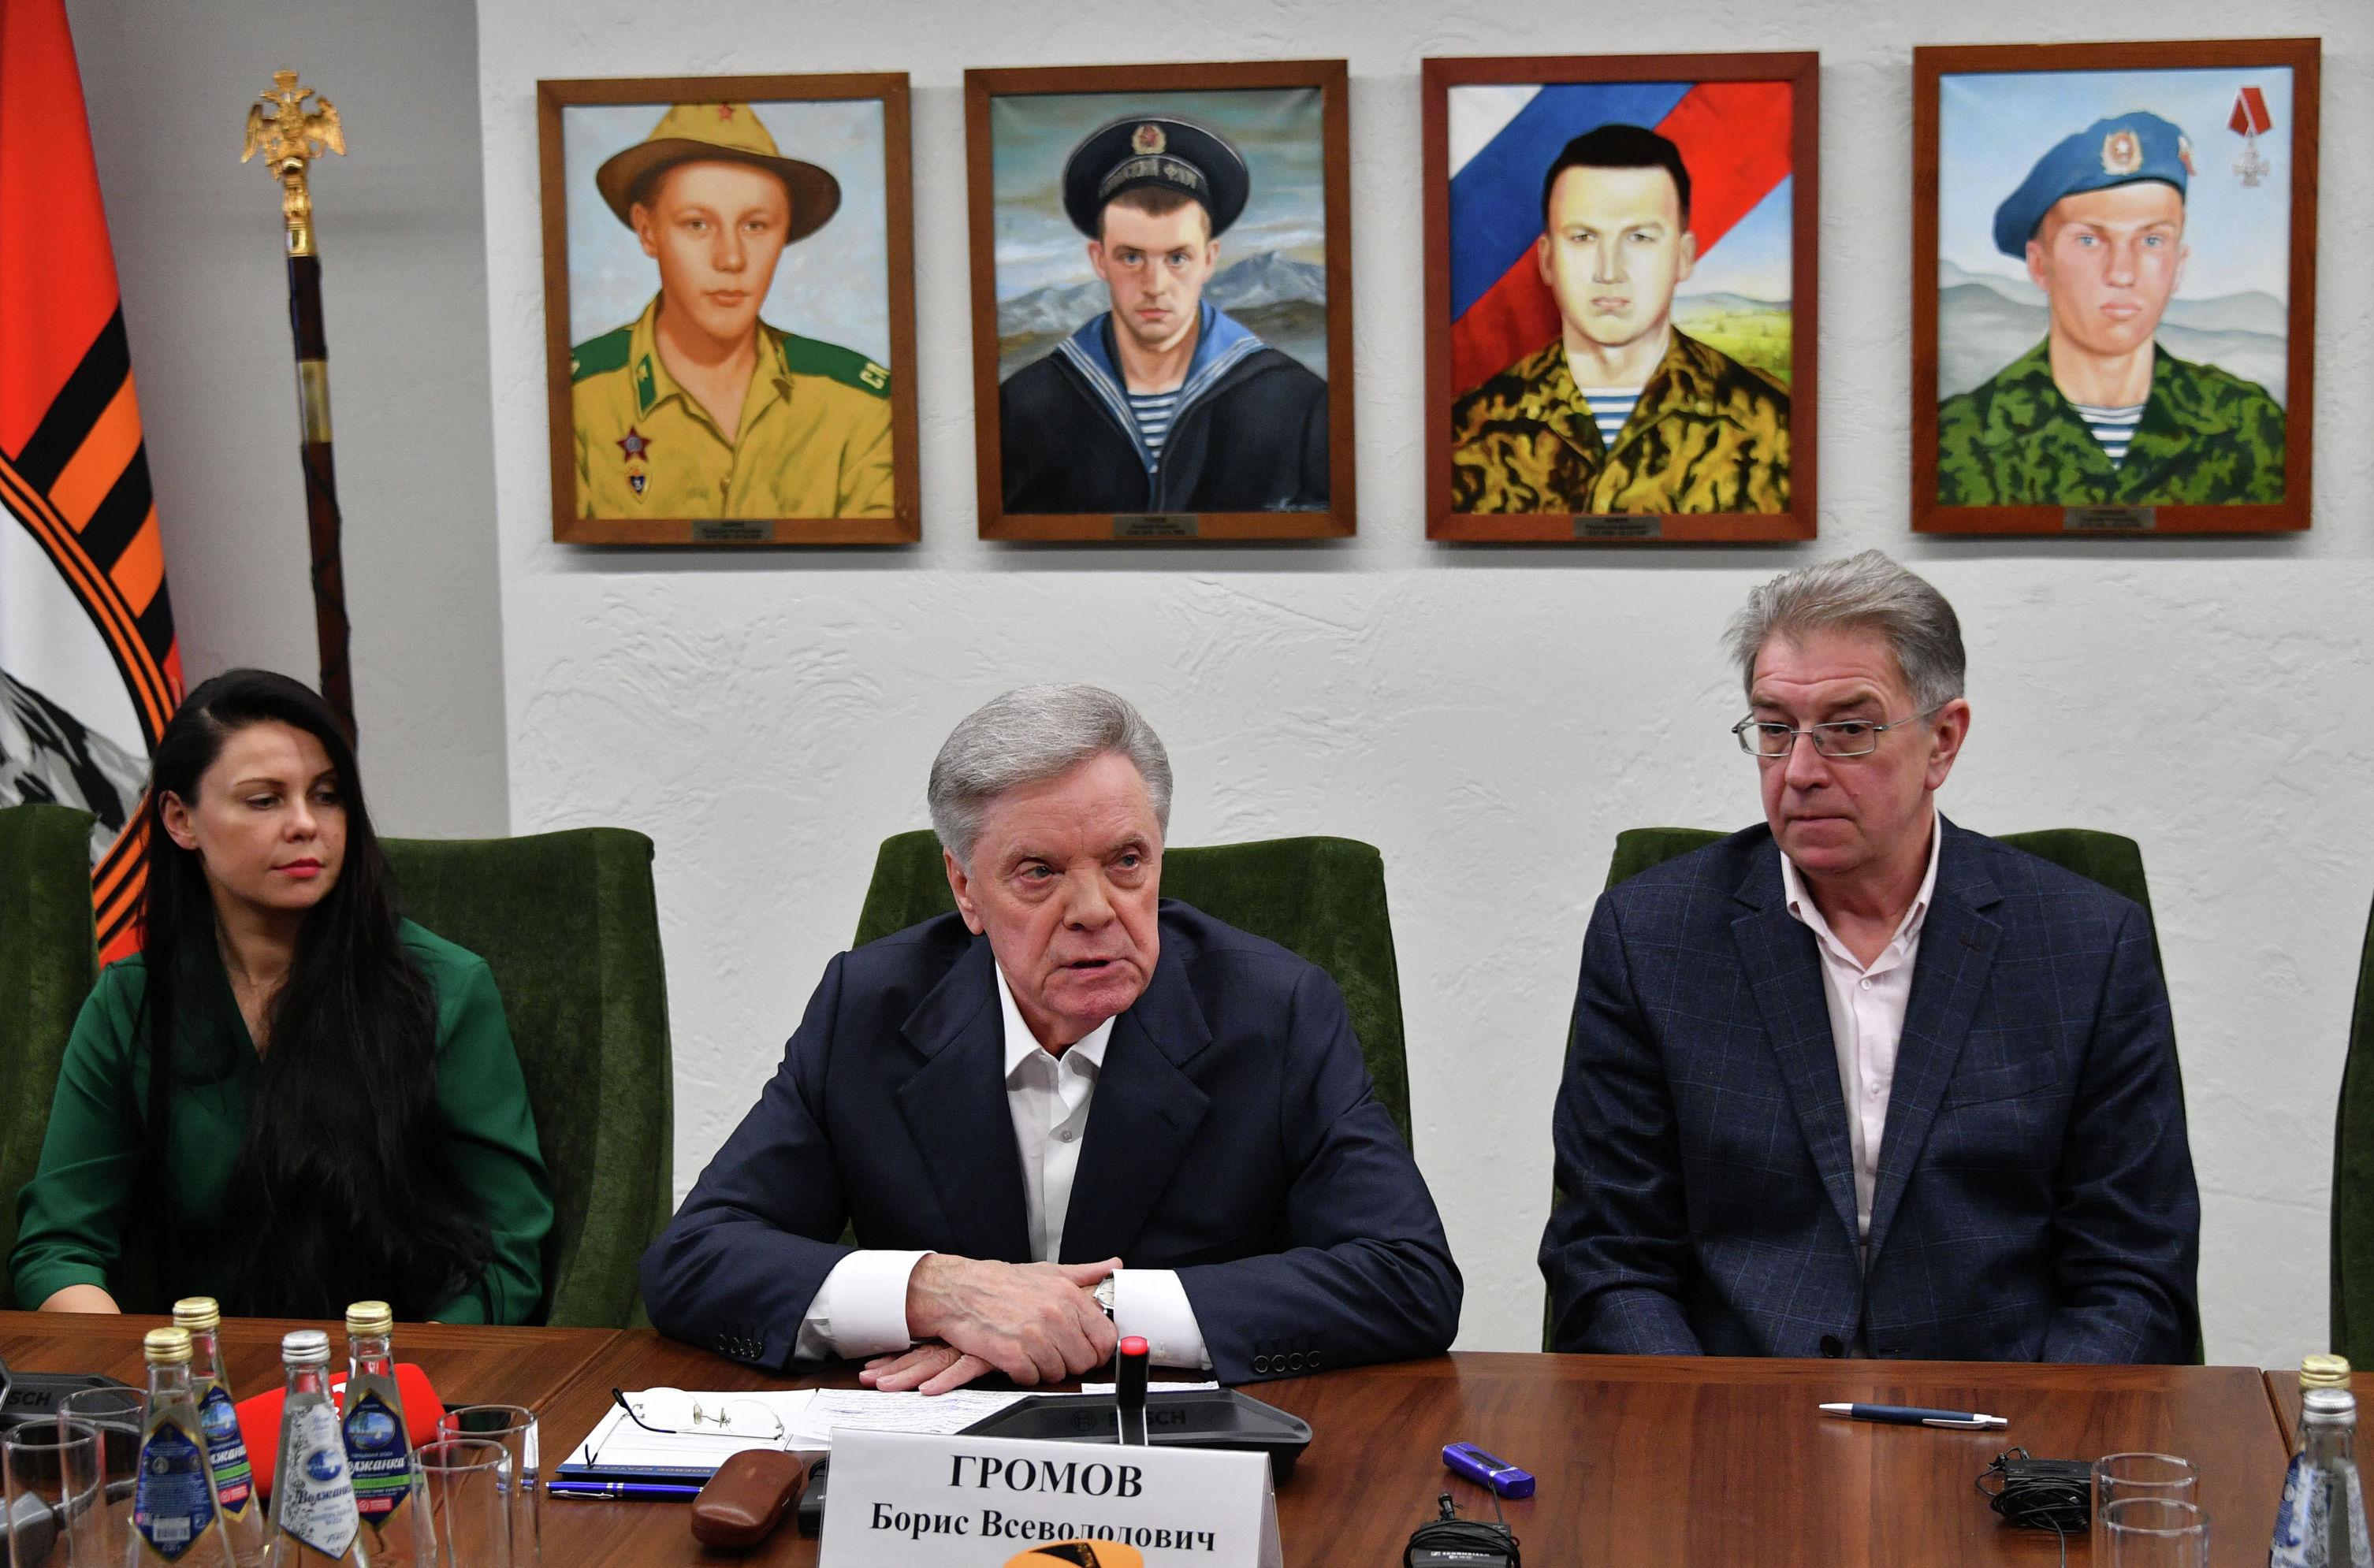 Встреча с генералом Громовым